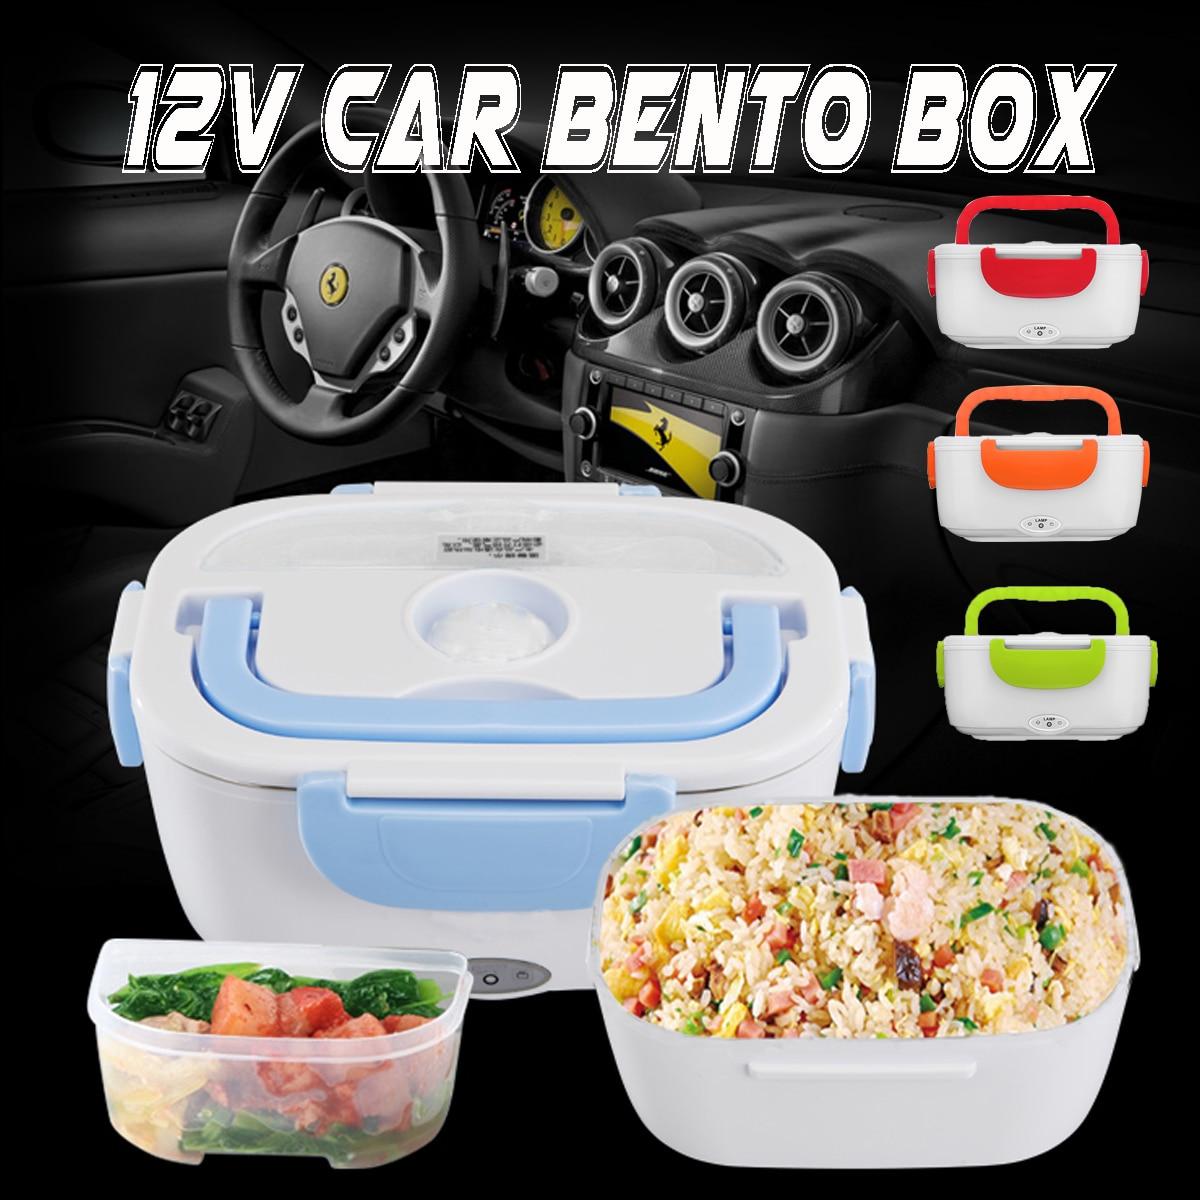 12-24 V Tragbare Auto Elektrische Heizung Erhitzt Lunchbox Lebensmittel Behälter Lebensmittel Wärmer Bento Box Lagerung Mit Scoop für Outdoor Reise